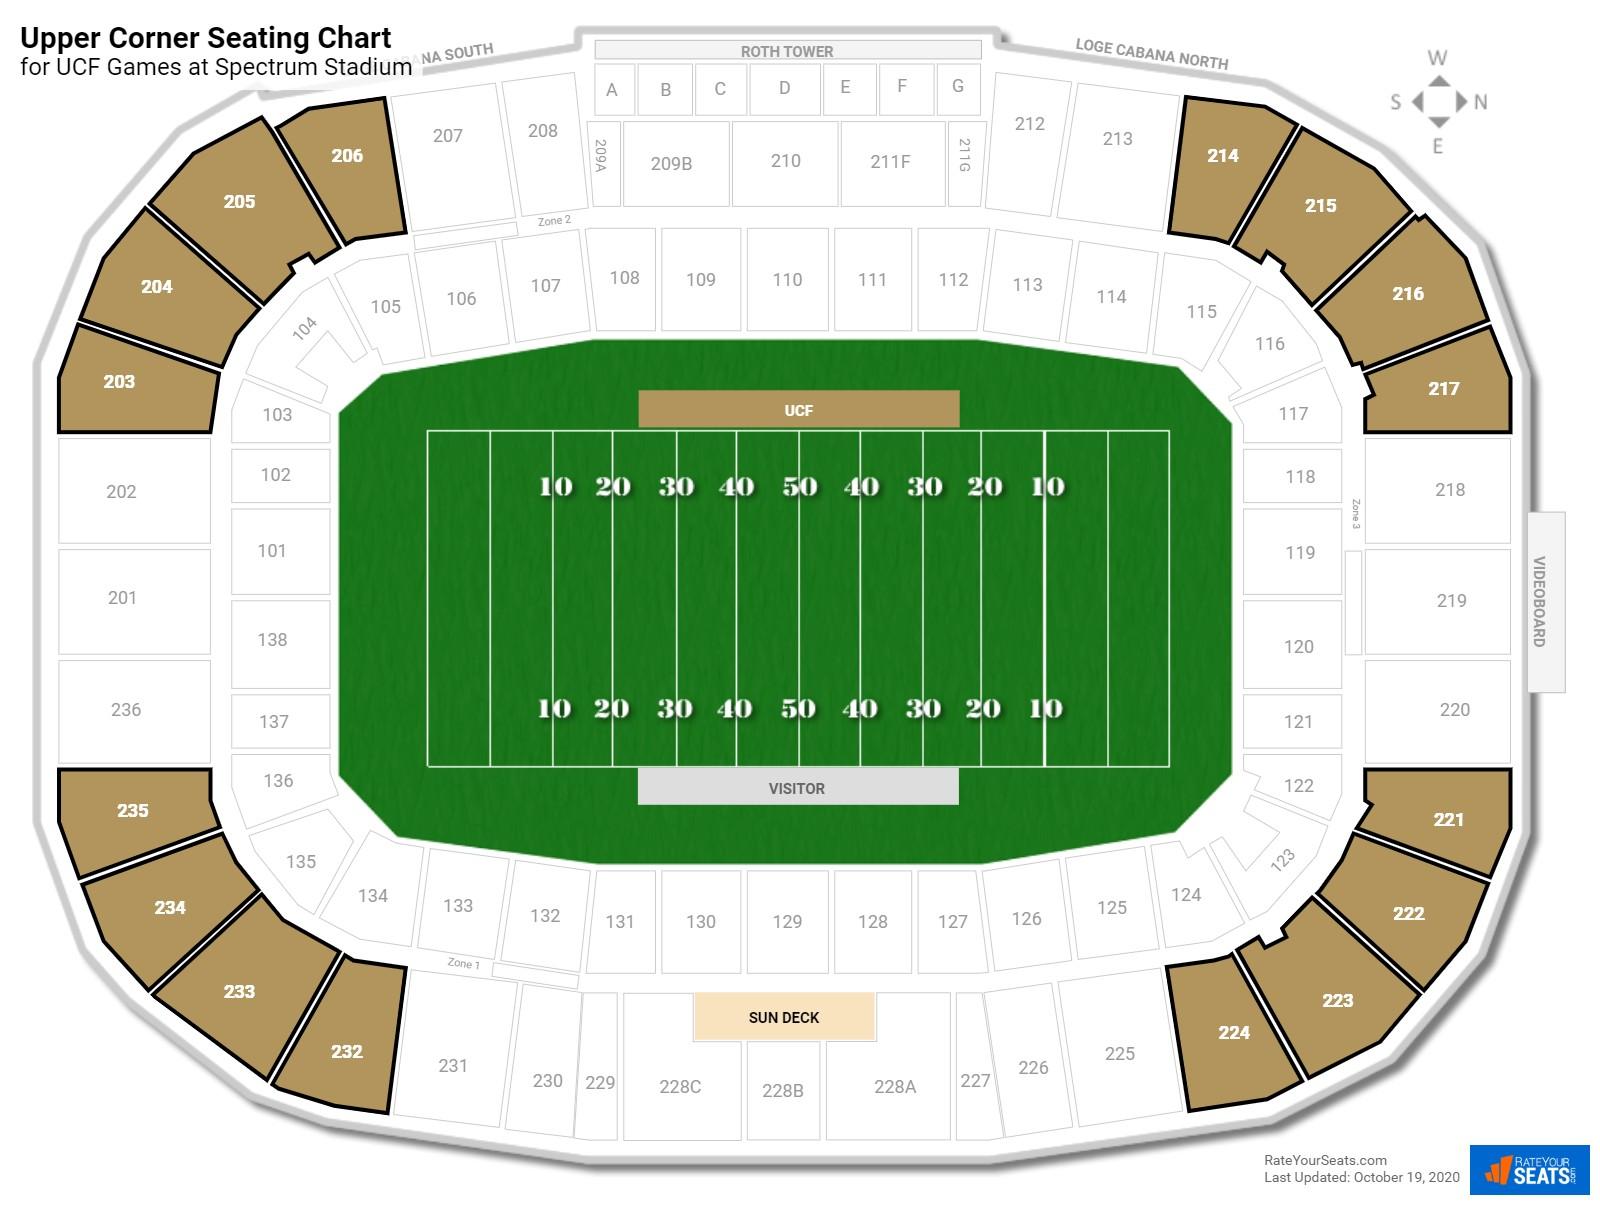 Spectrum Stadium Upper Corner Seating Chart